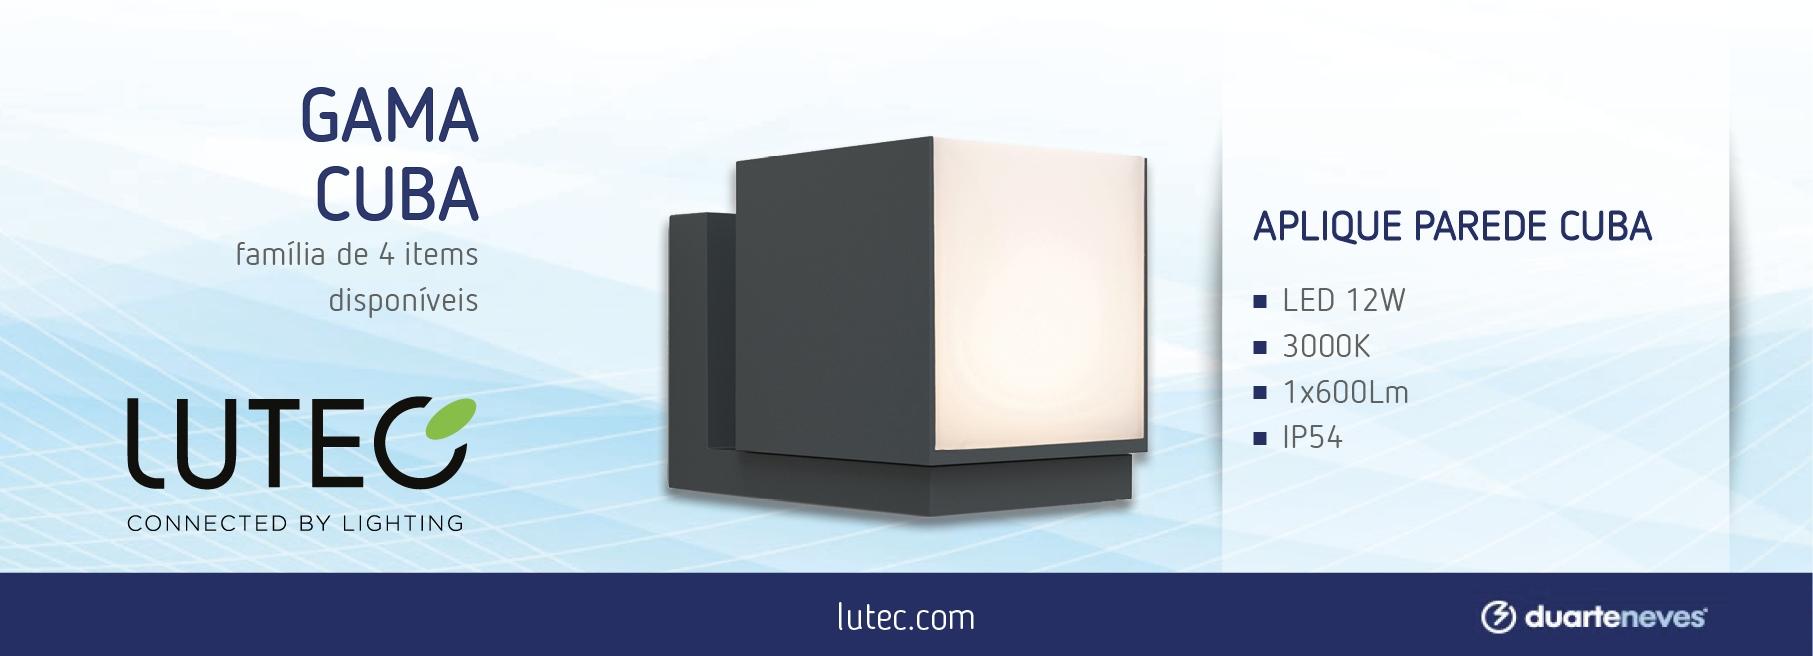 banner_lutec_cuba_high_2